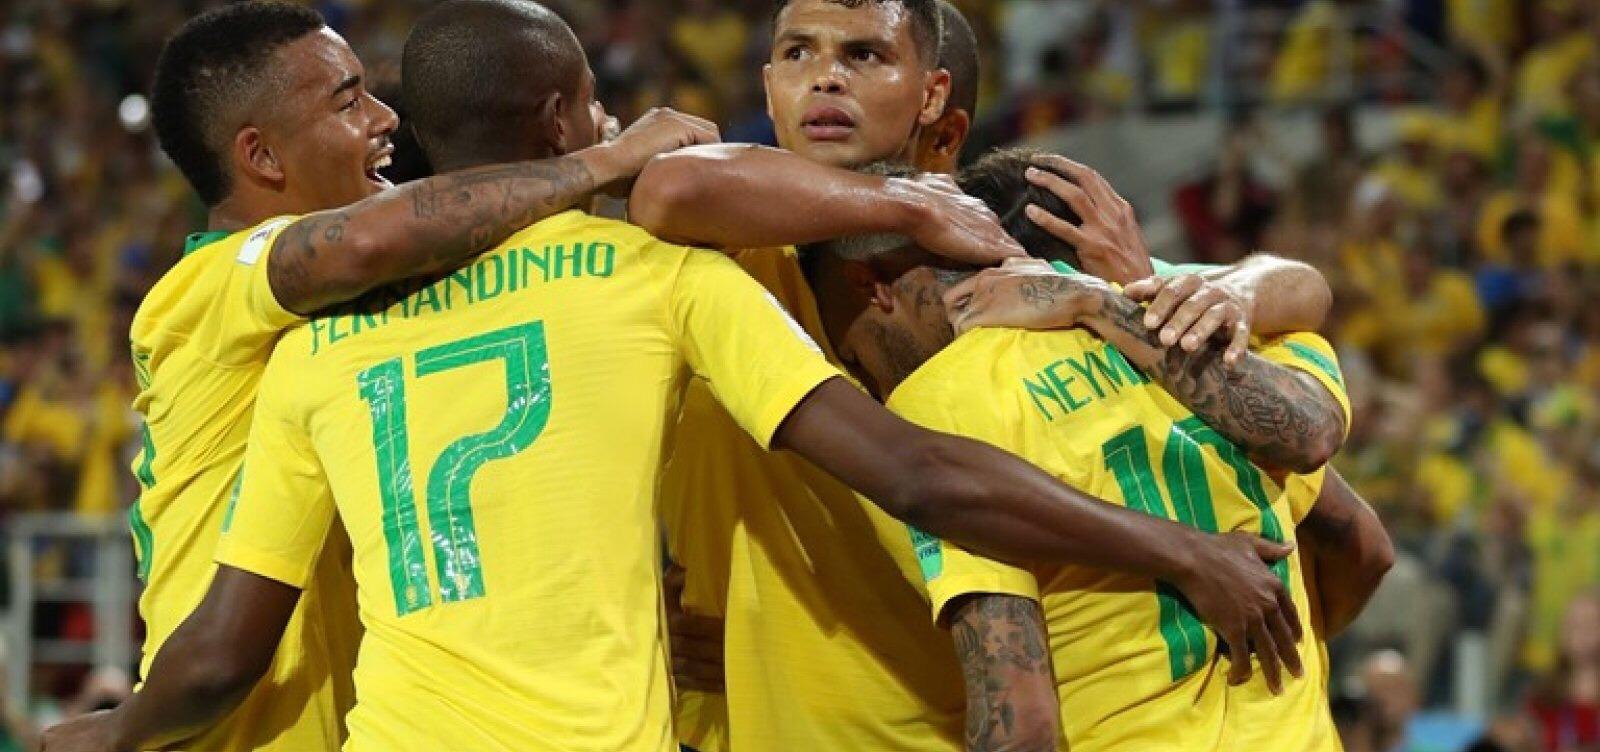 Brasil vence Sérvia por 2 a 0 e avança para as oitavas como 1º do grupo